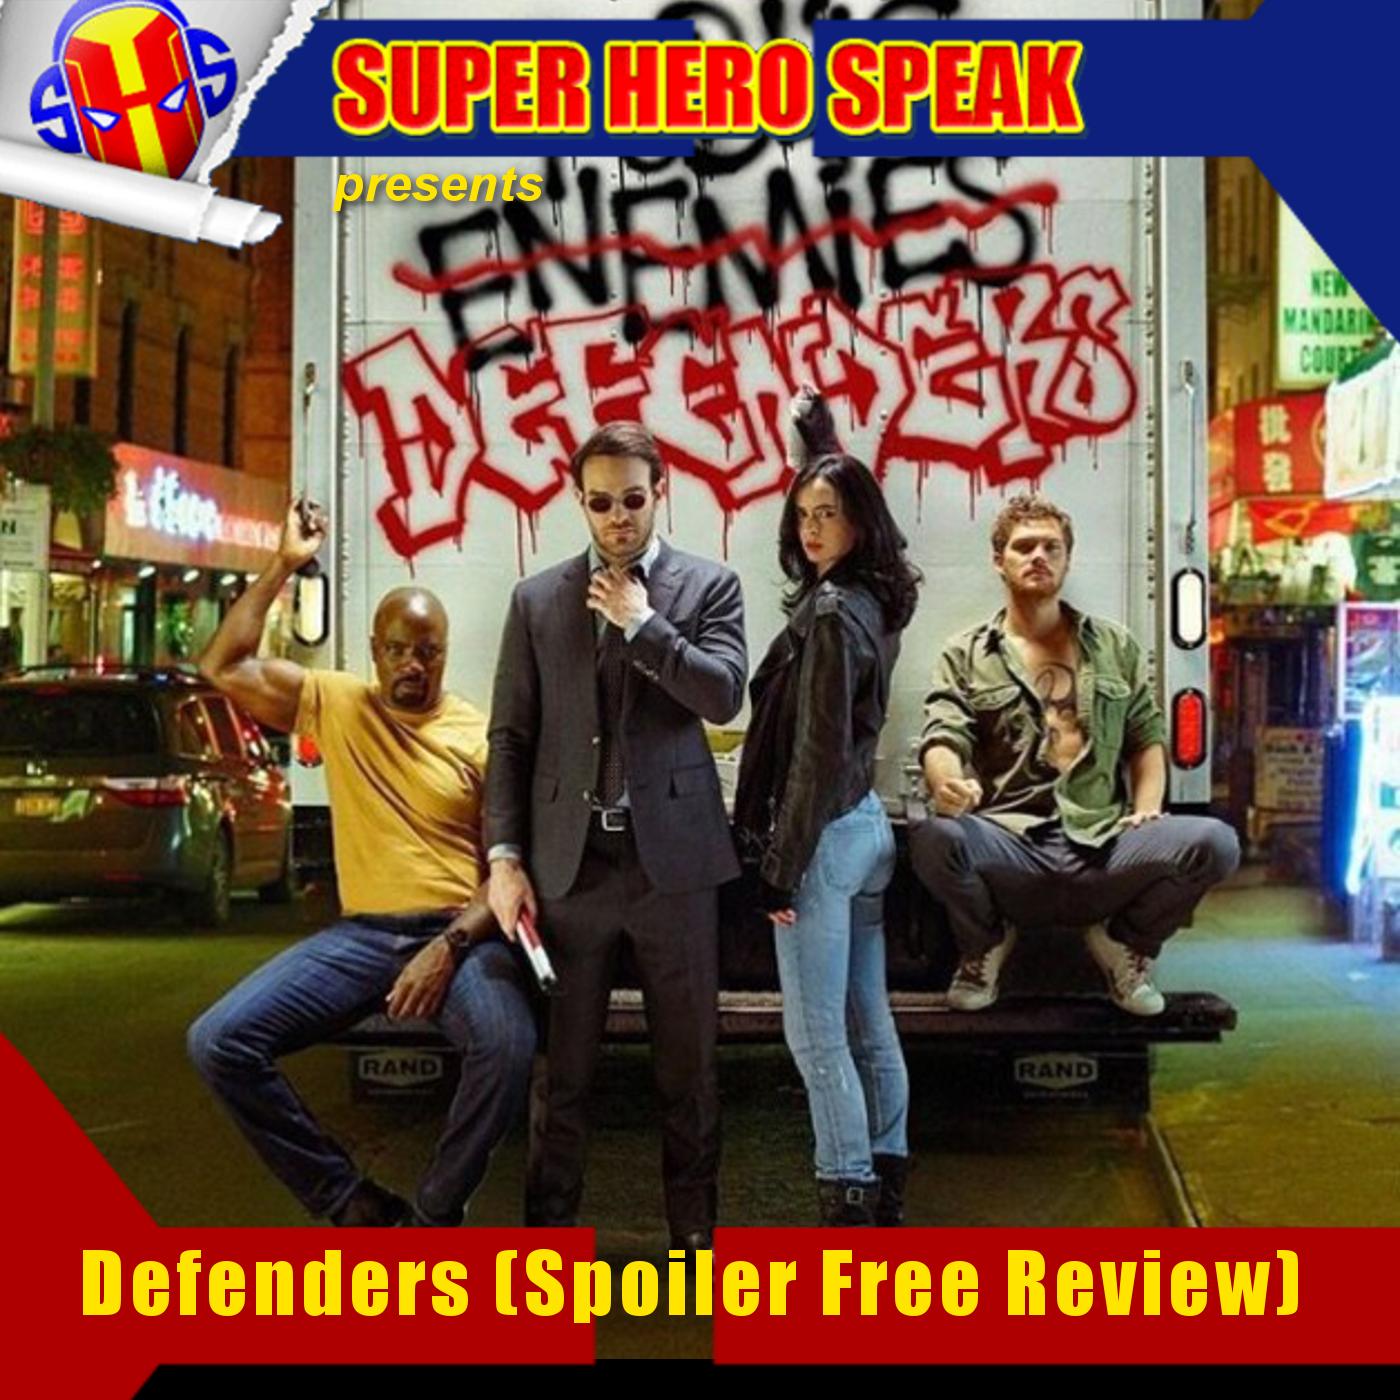 Review: Defenders (Spoiler Free)